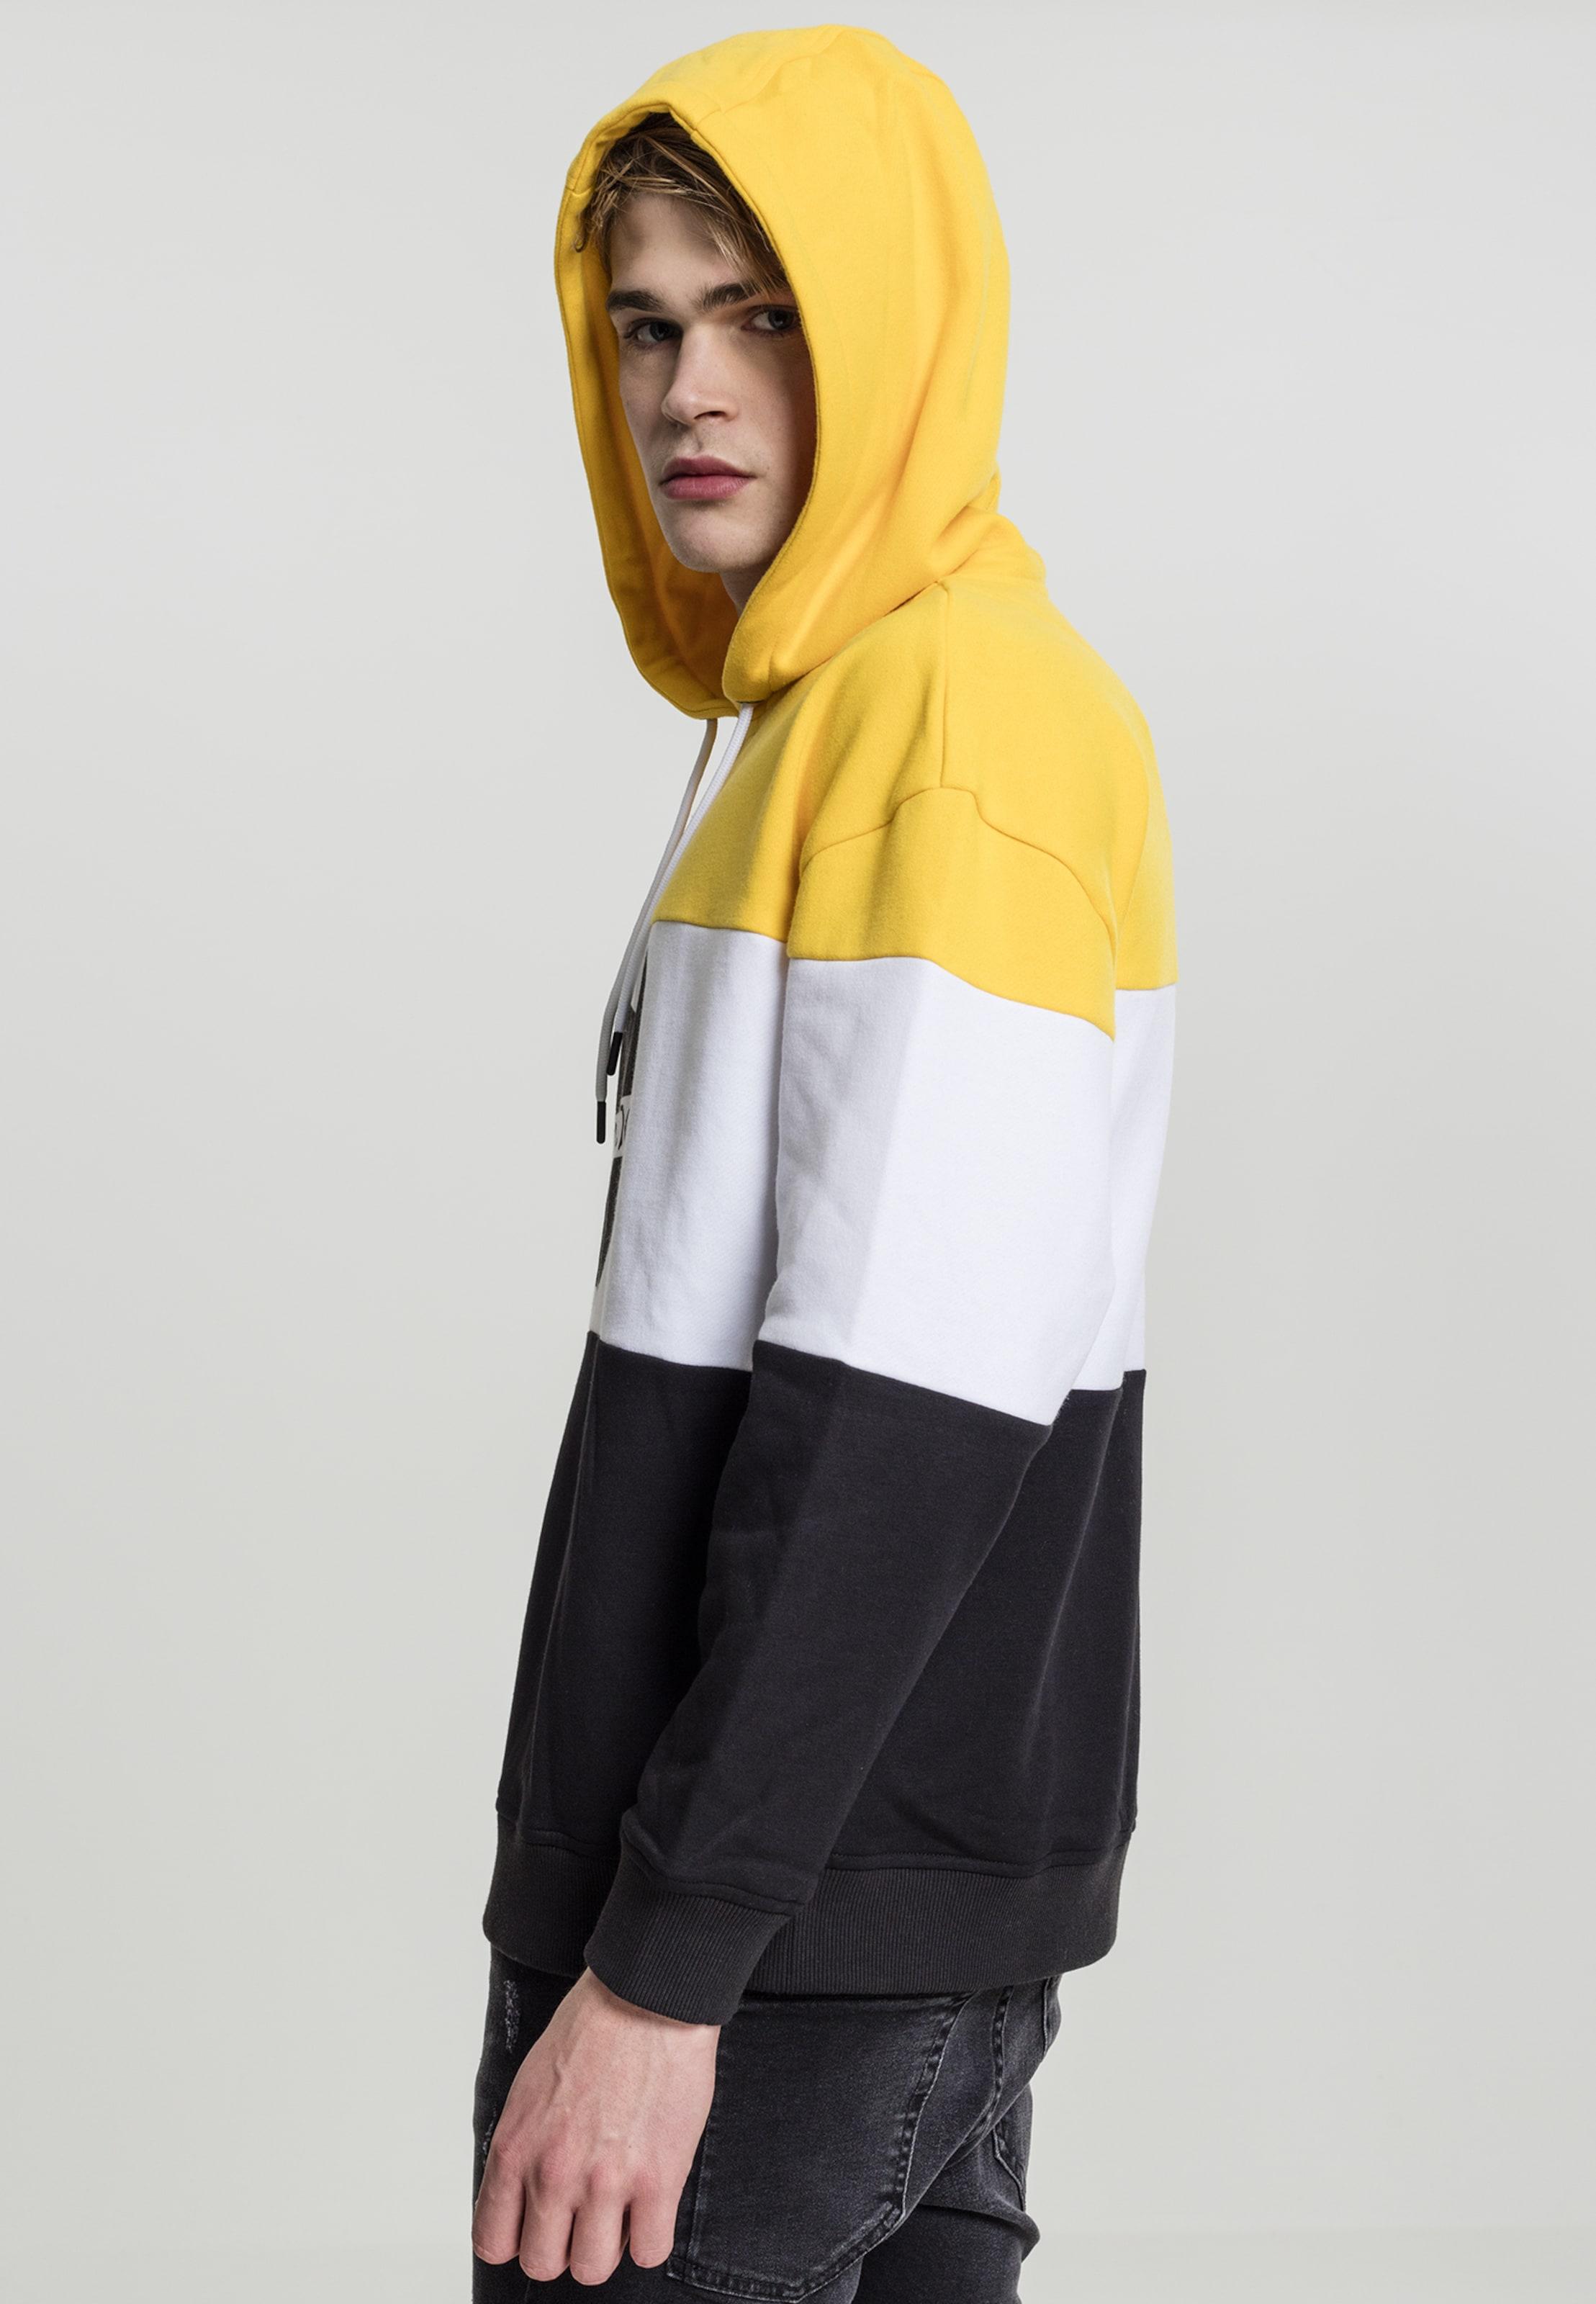 Hoody Mister 'wu In Weiß GelbSchwarz Tee Block' wear 80nOPXwk